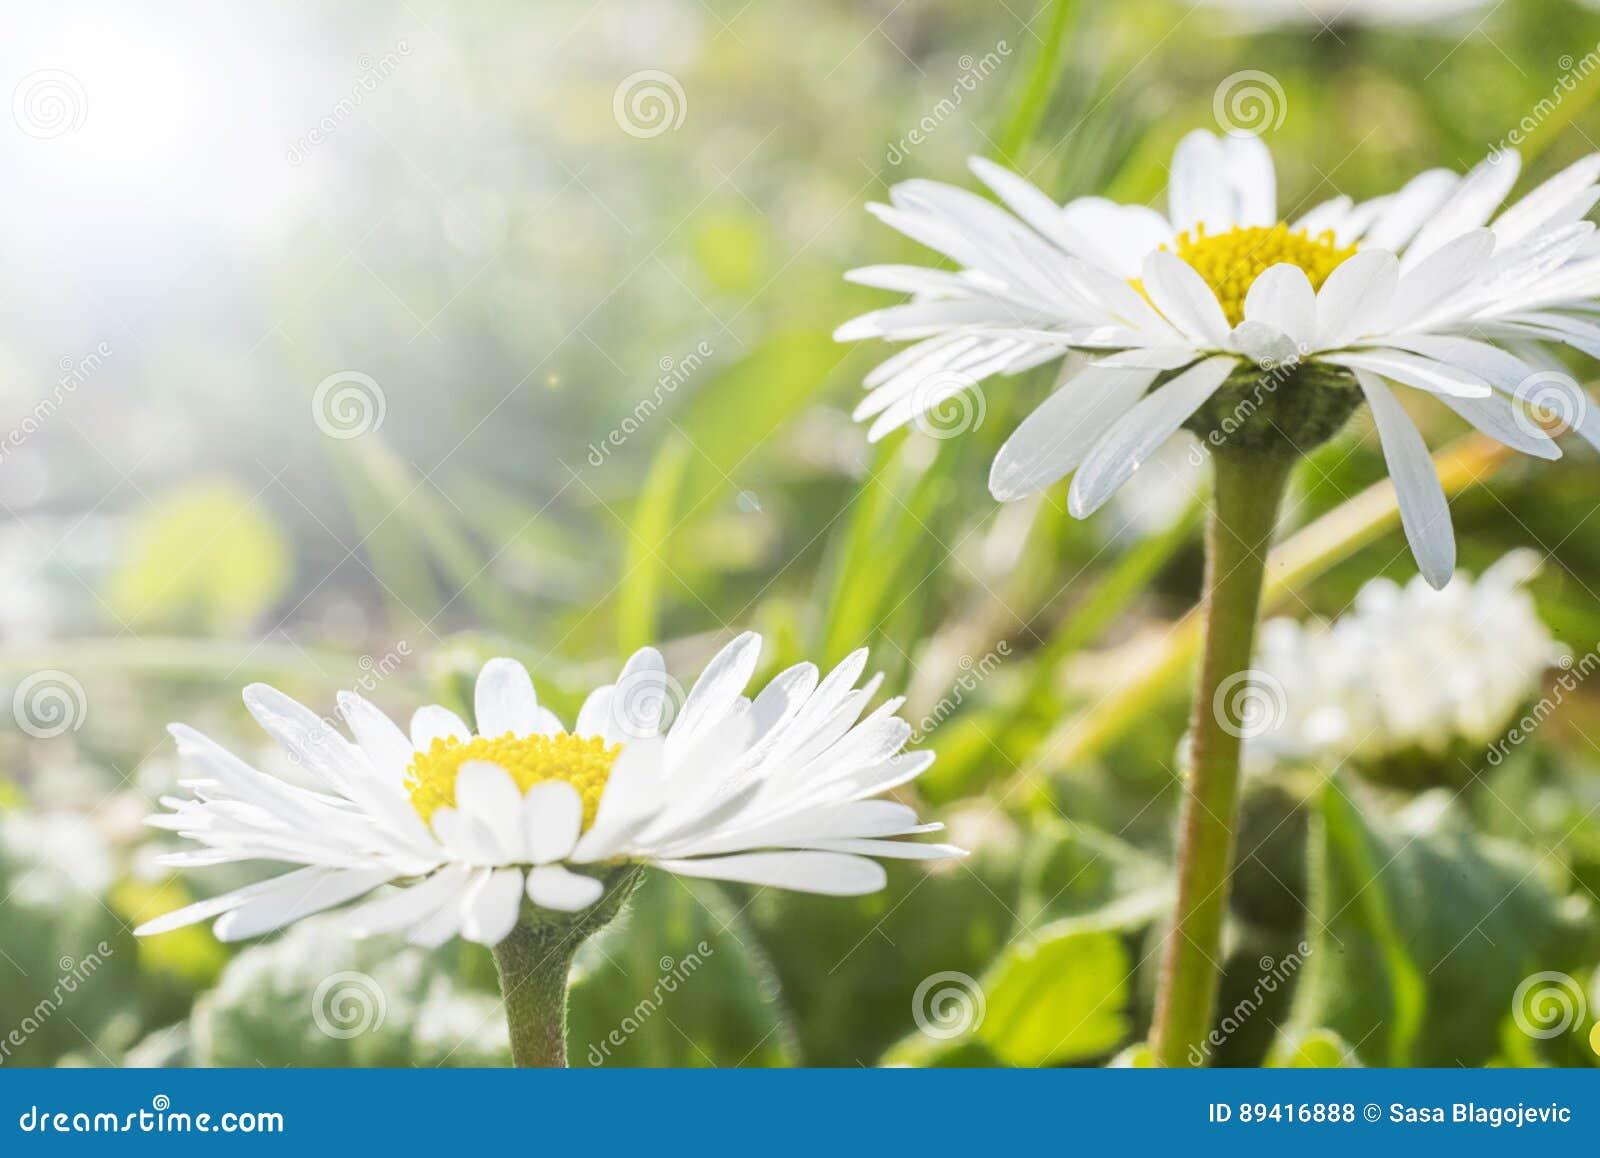 Margaridas brancas em um jardim